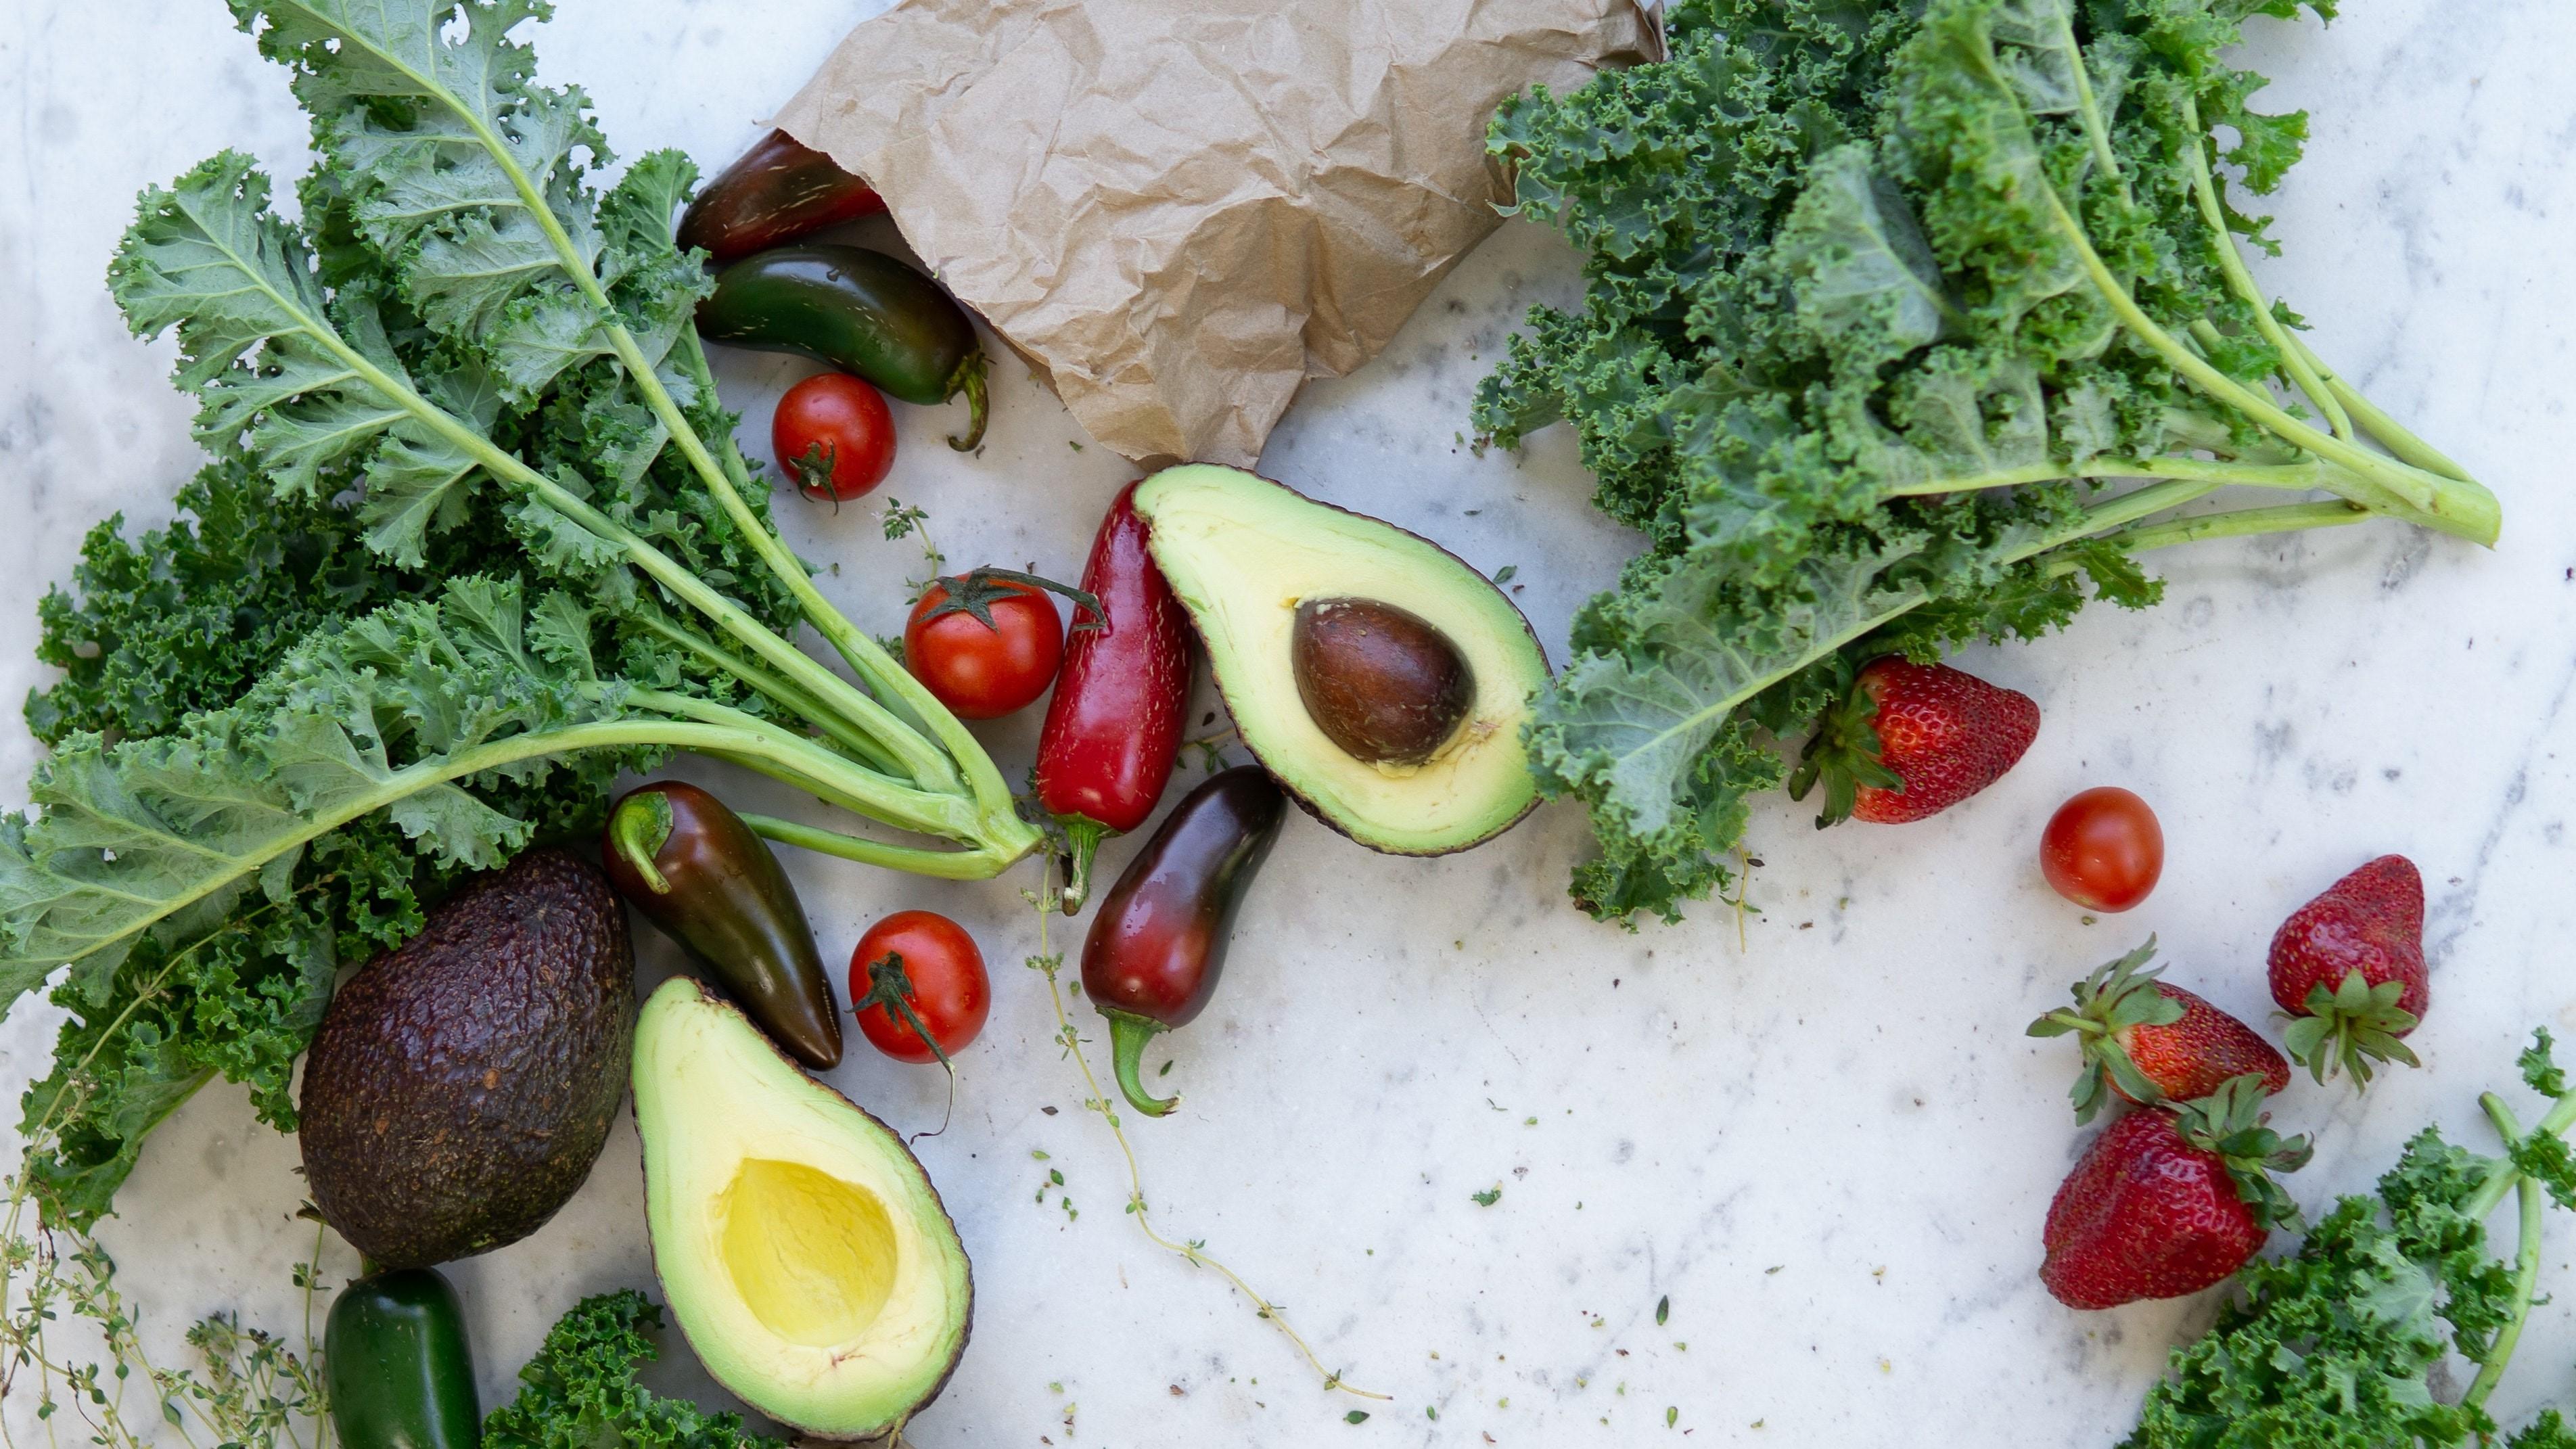 groente+en+fruit.jpg